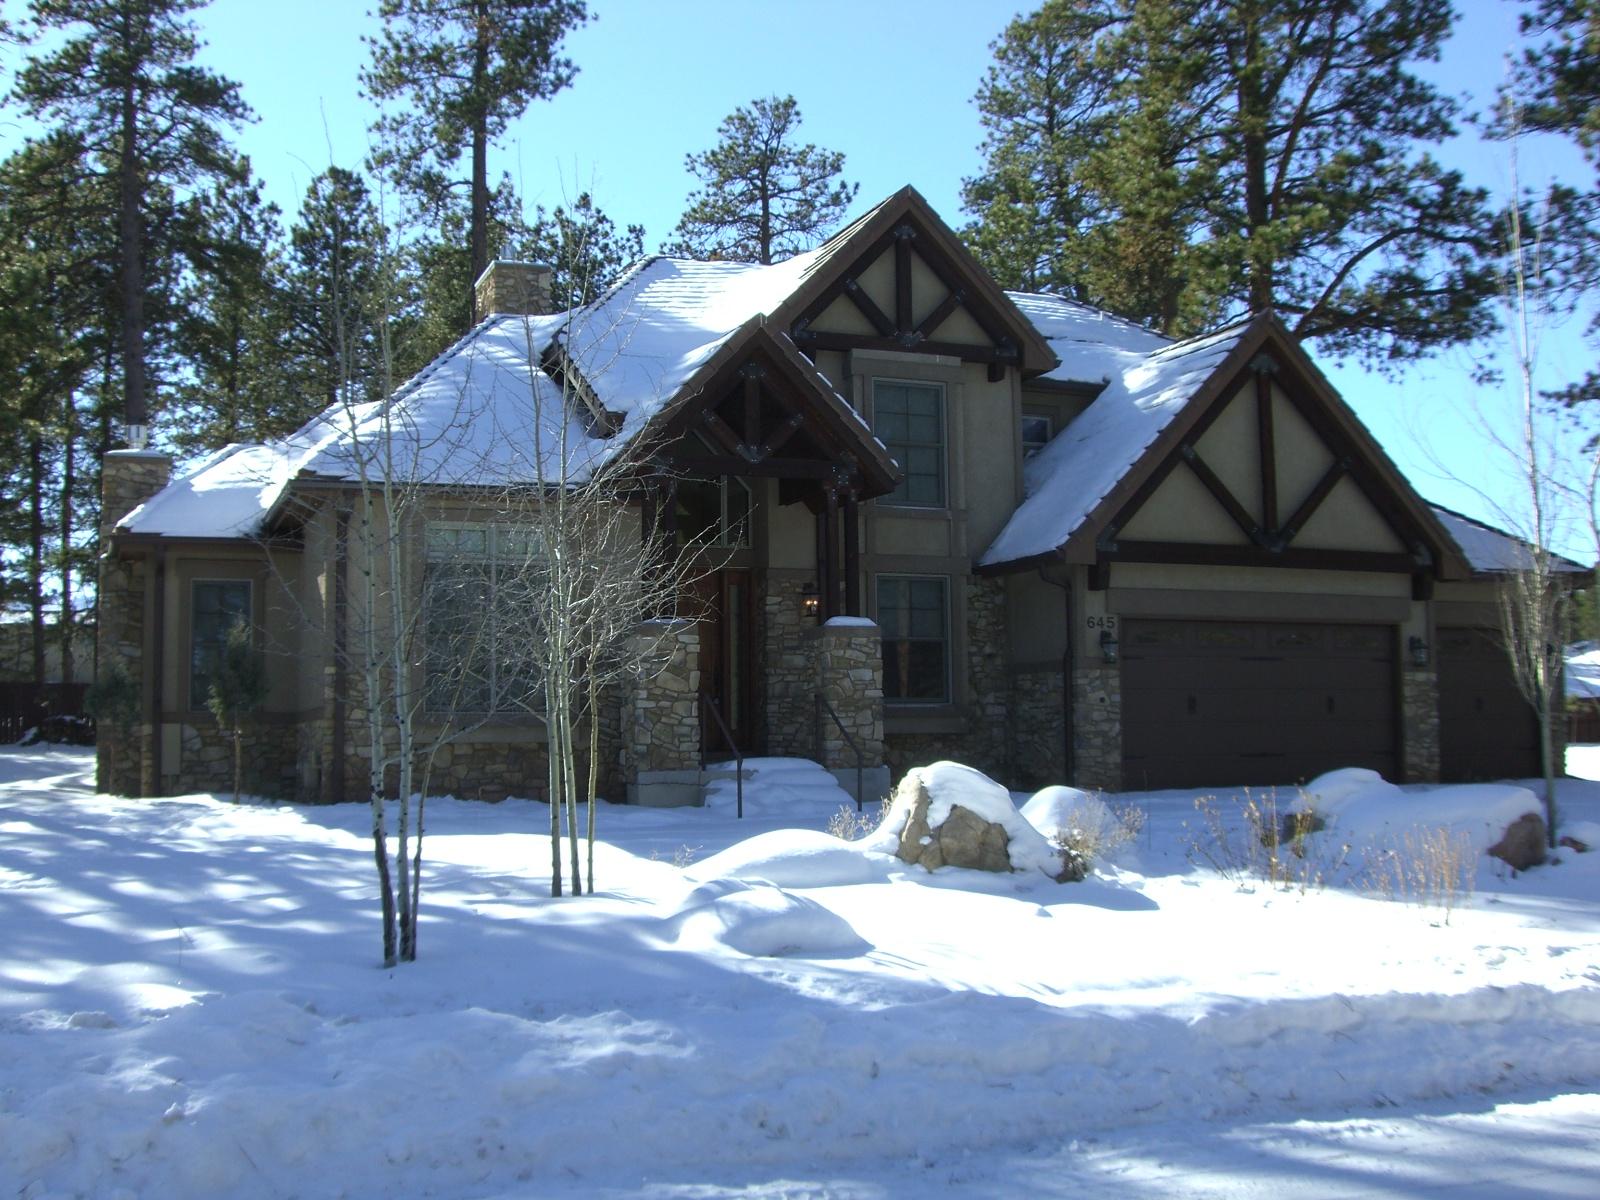 645 Meadowlark Ln., Woodland Park, Colorado 80863